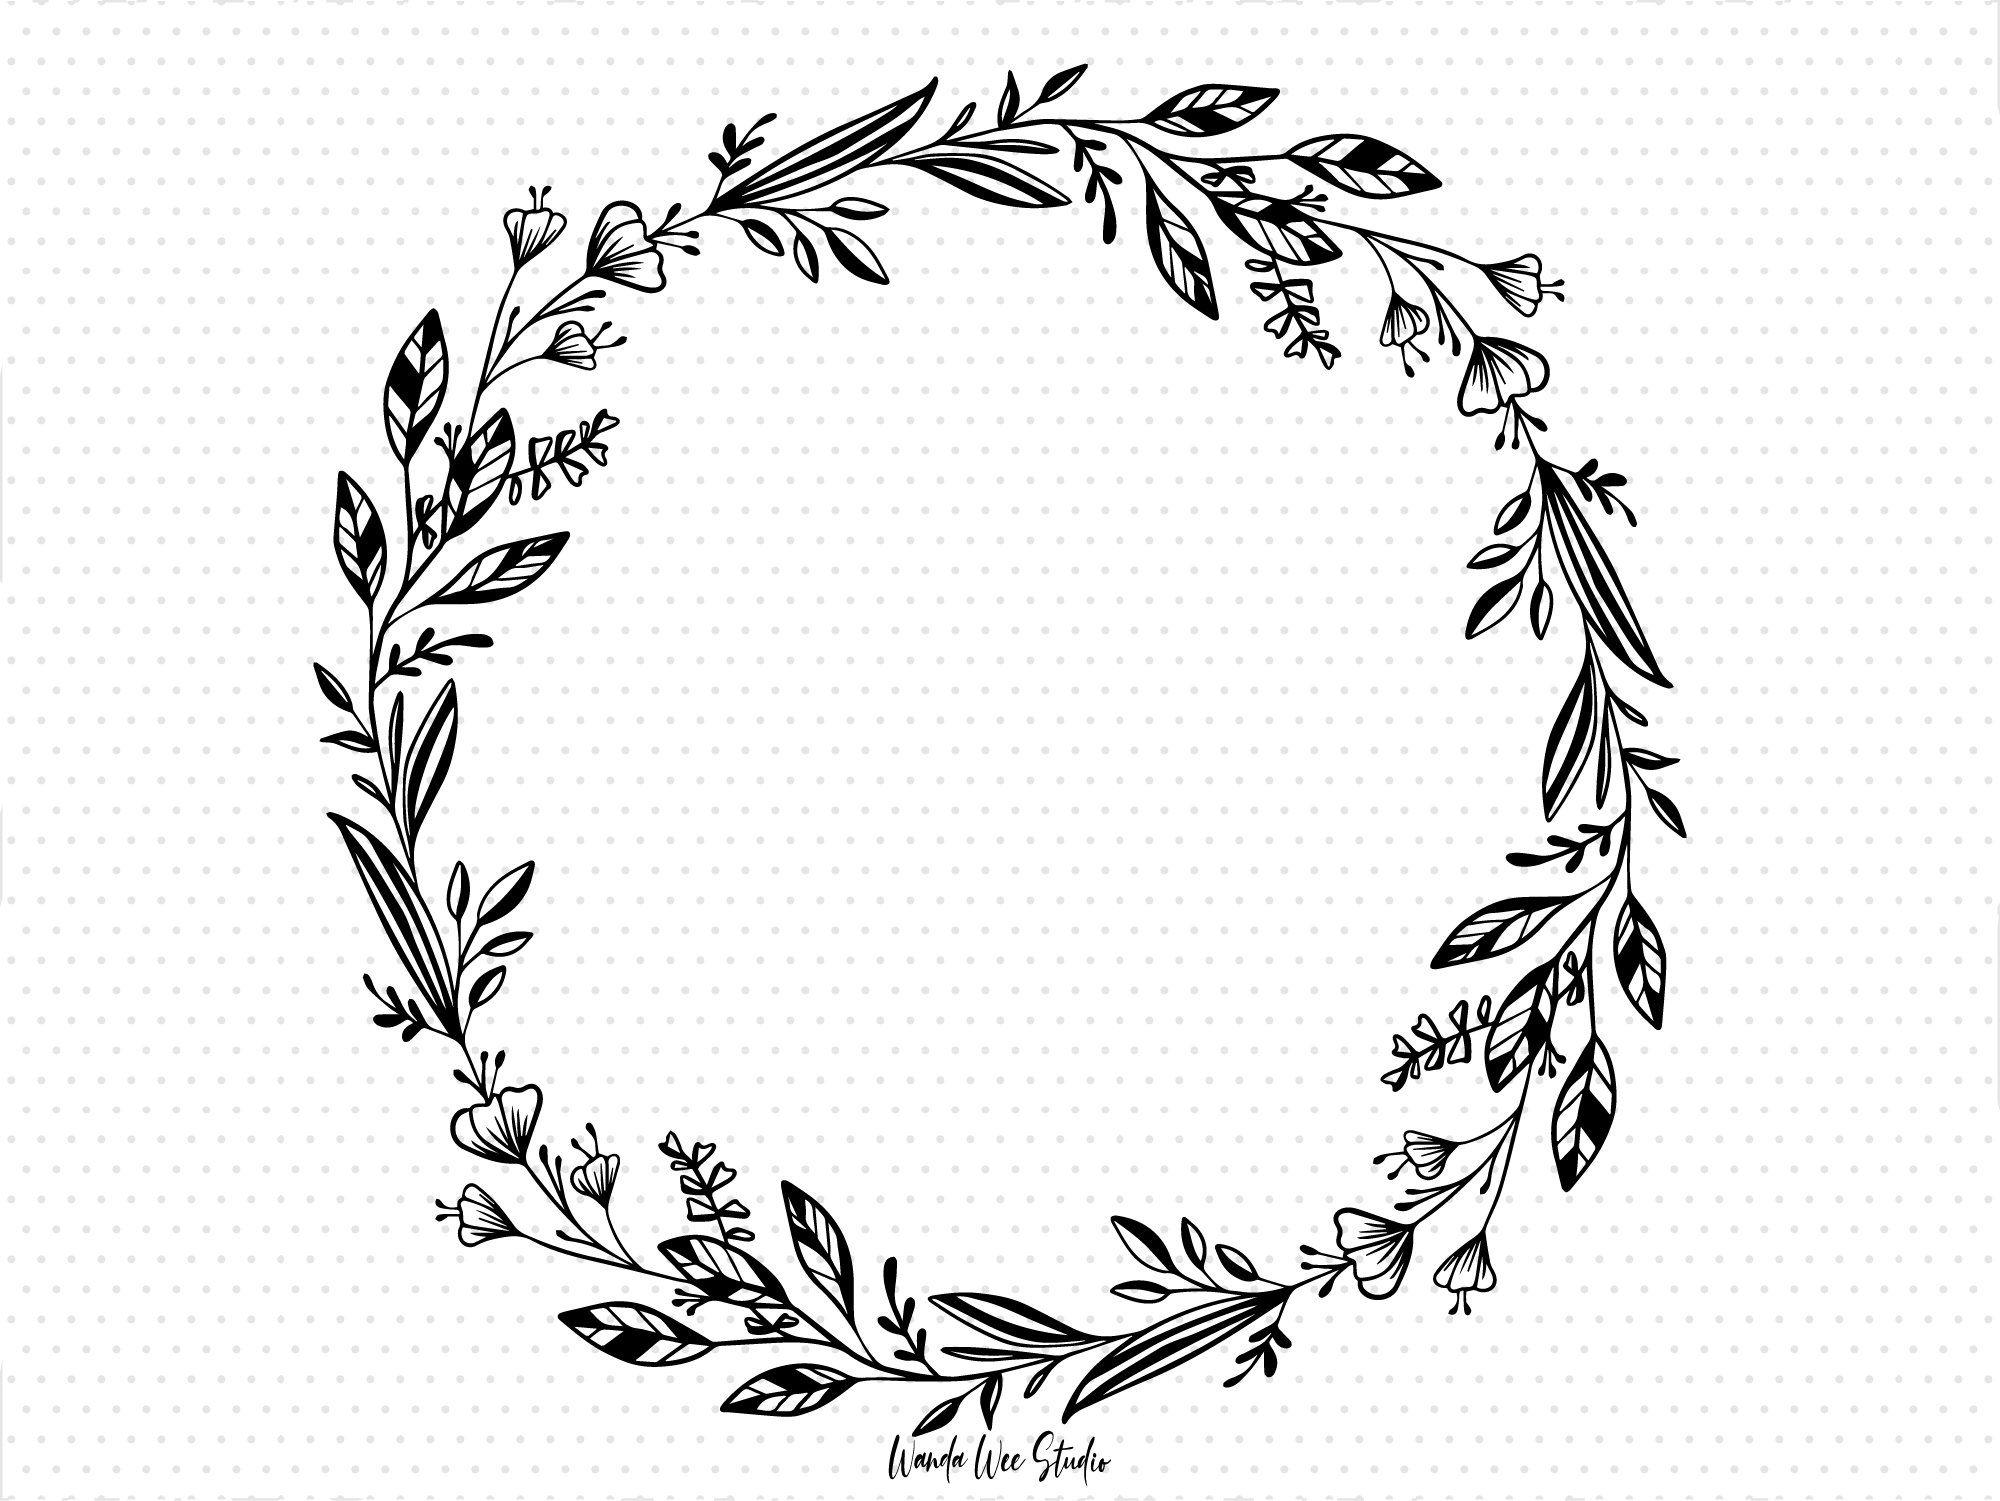 Hand Drawn Tropical Laurel Wreath Clipart Pencil Drawing Etsy Floral Wreath Drawing Wreath Drawing Tropical Floral Wreath